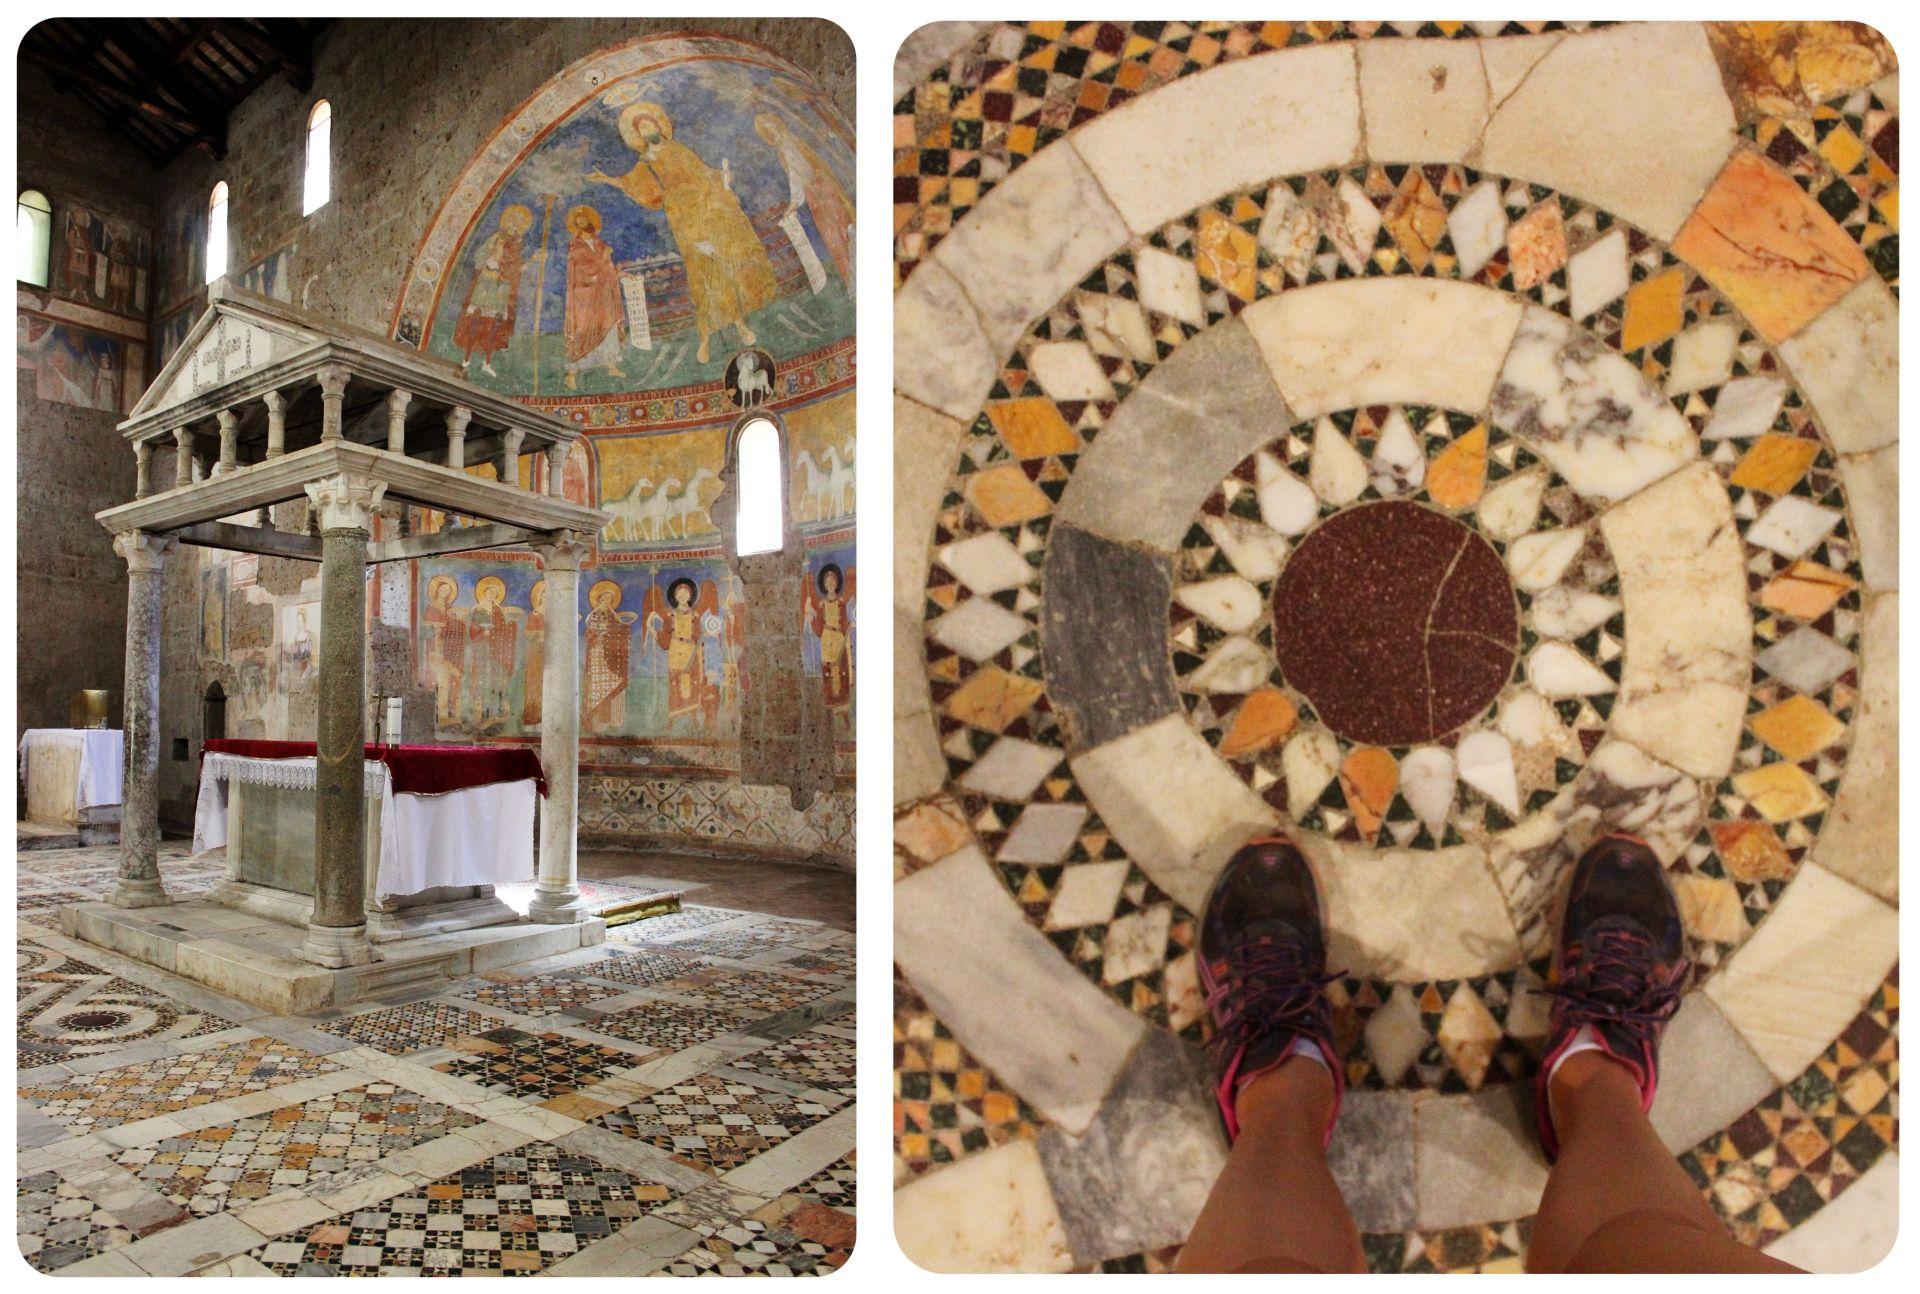 italy st elia church mosaics